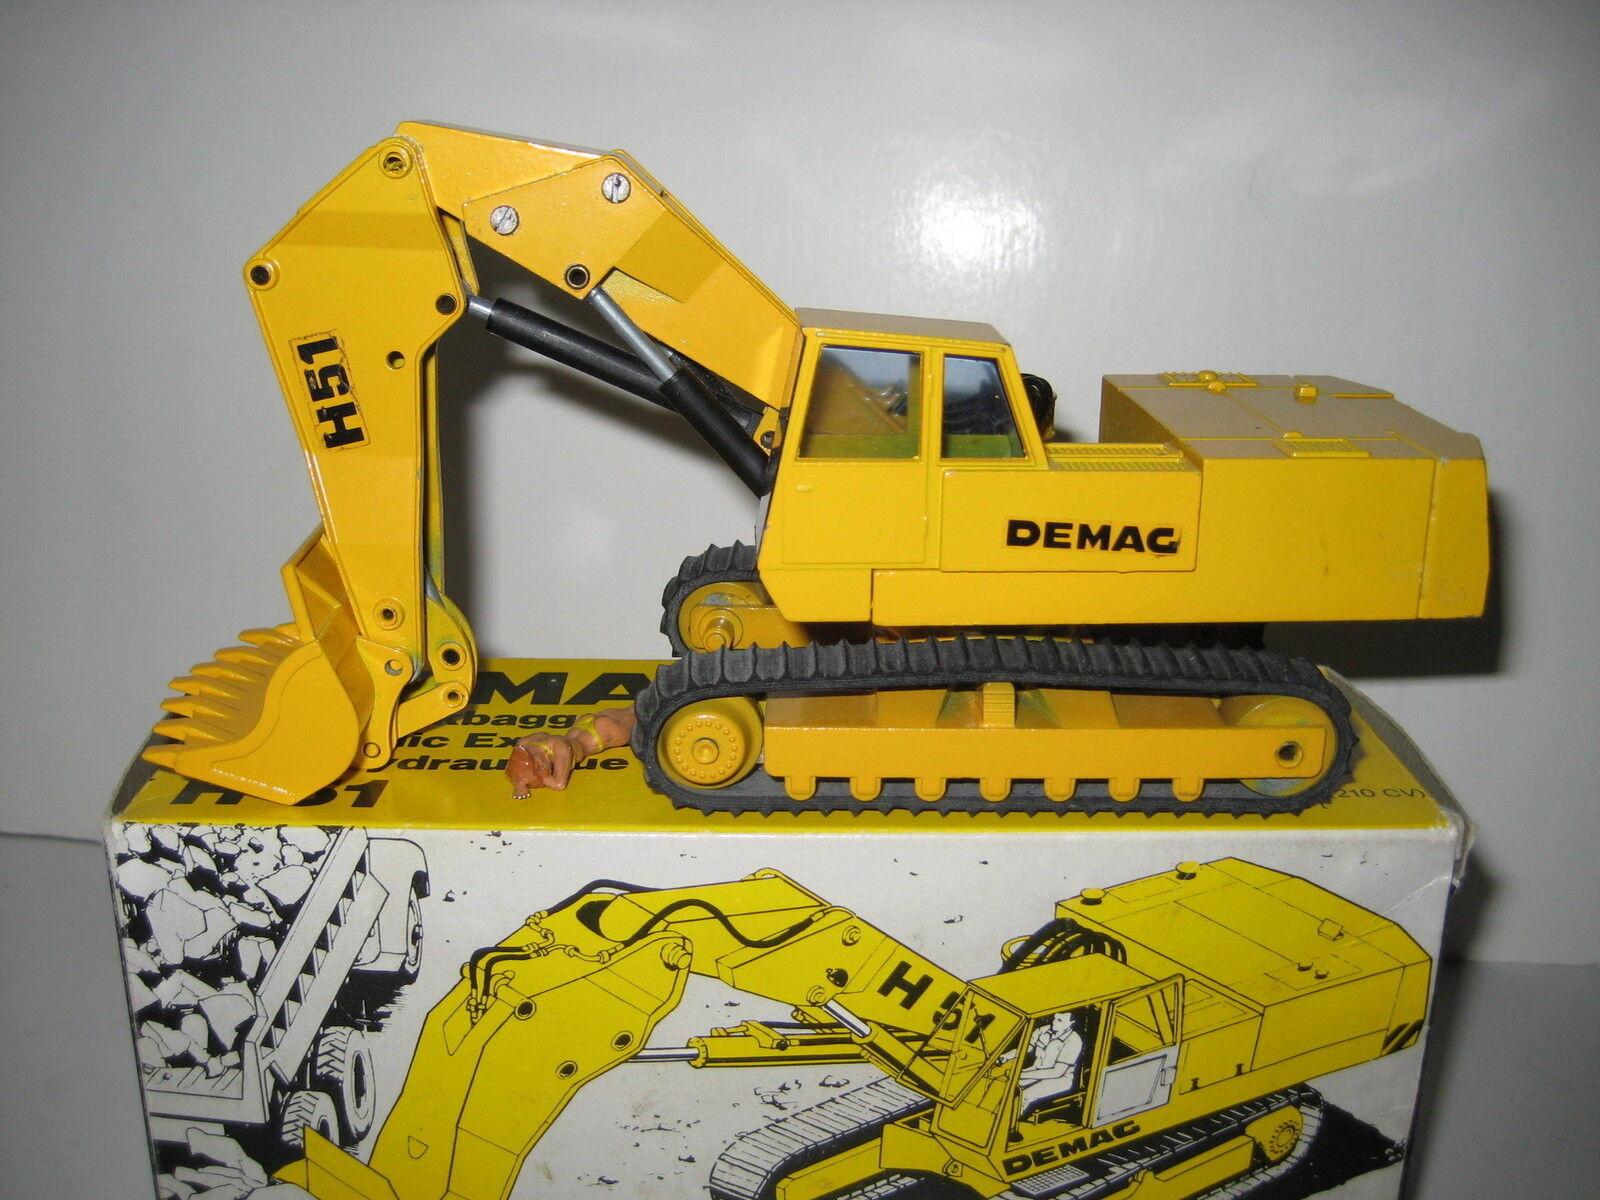 DEMAG H 51 Excavateurs hochlöffel à chenilles noires Décalques  113.3 NZG 1 50 neuf dans sa boîte